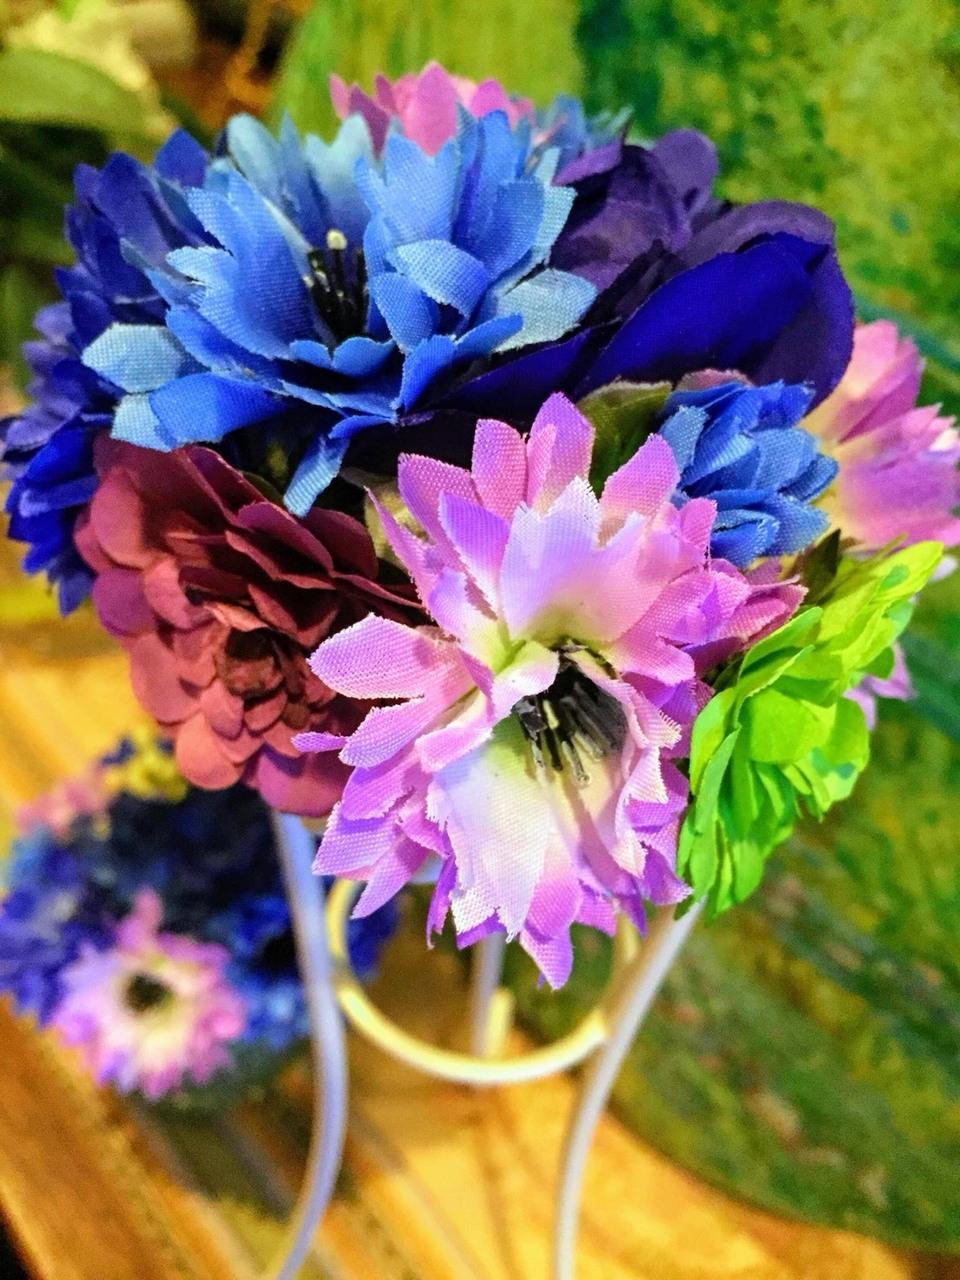 -終了-《CF患者応援スマイルプロジェクト》お花のウィッグスタンドを作ろう 11月9日(土)10:00~12:00